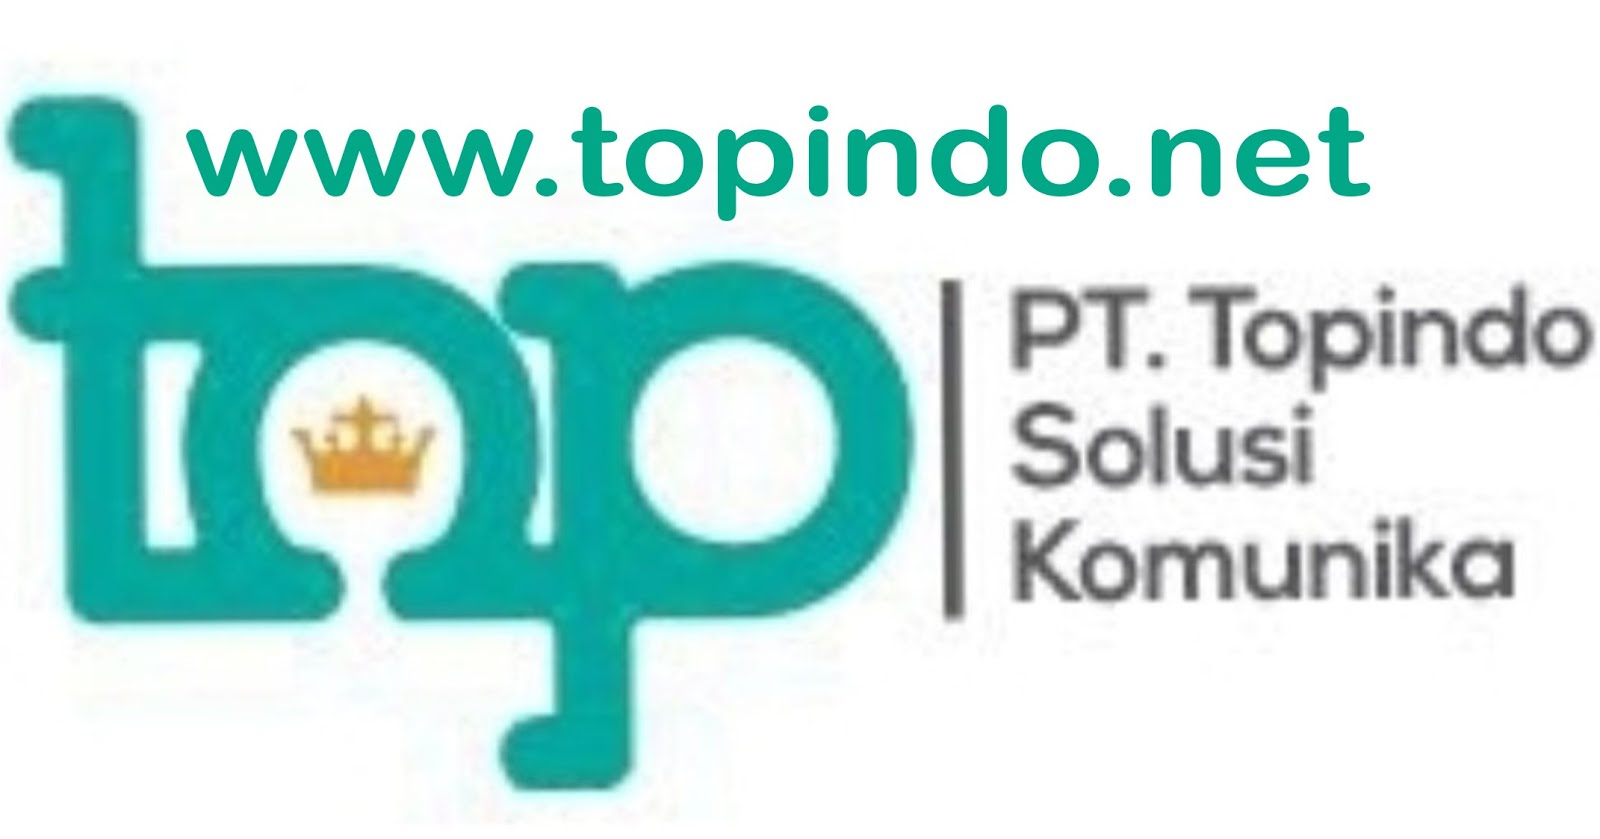 PT. TOPINDO SOLUSI KOMUNIKA